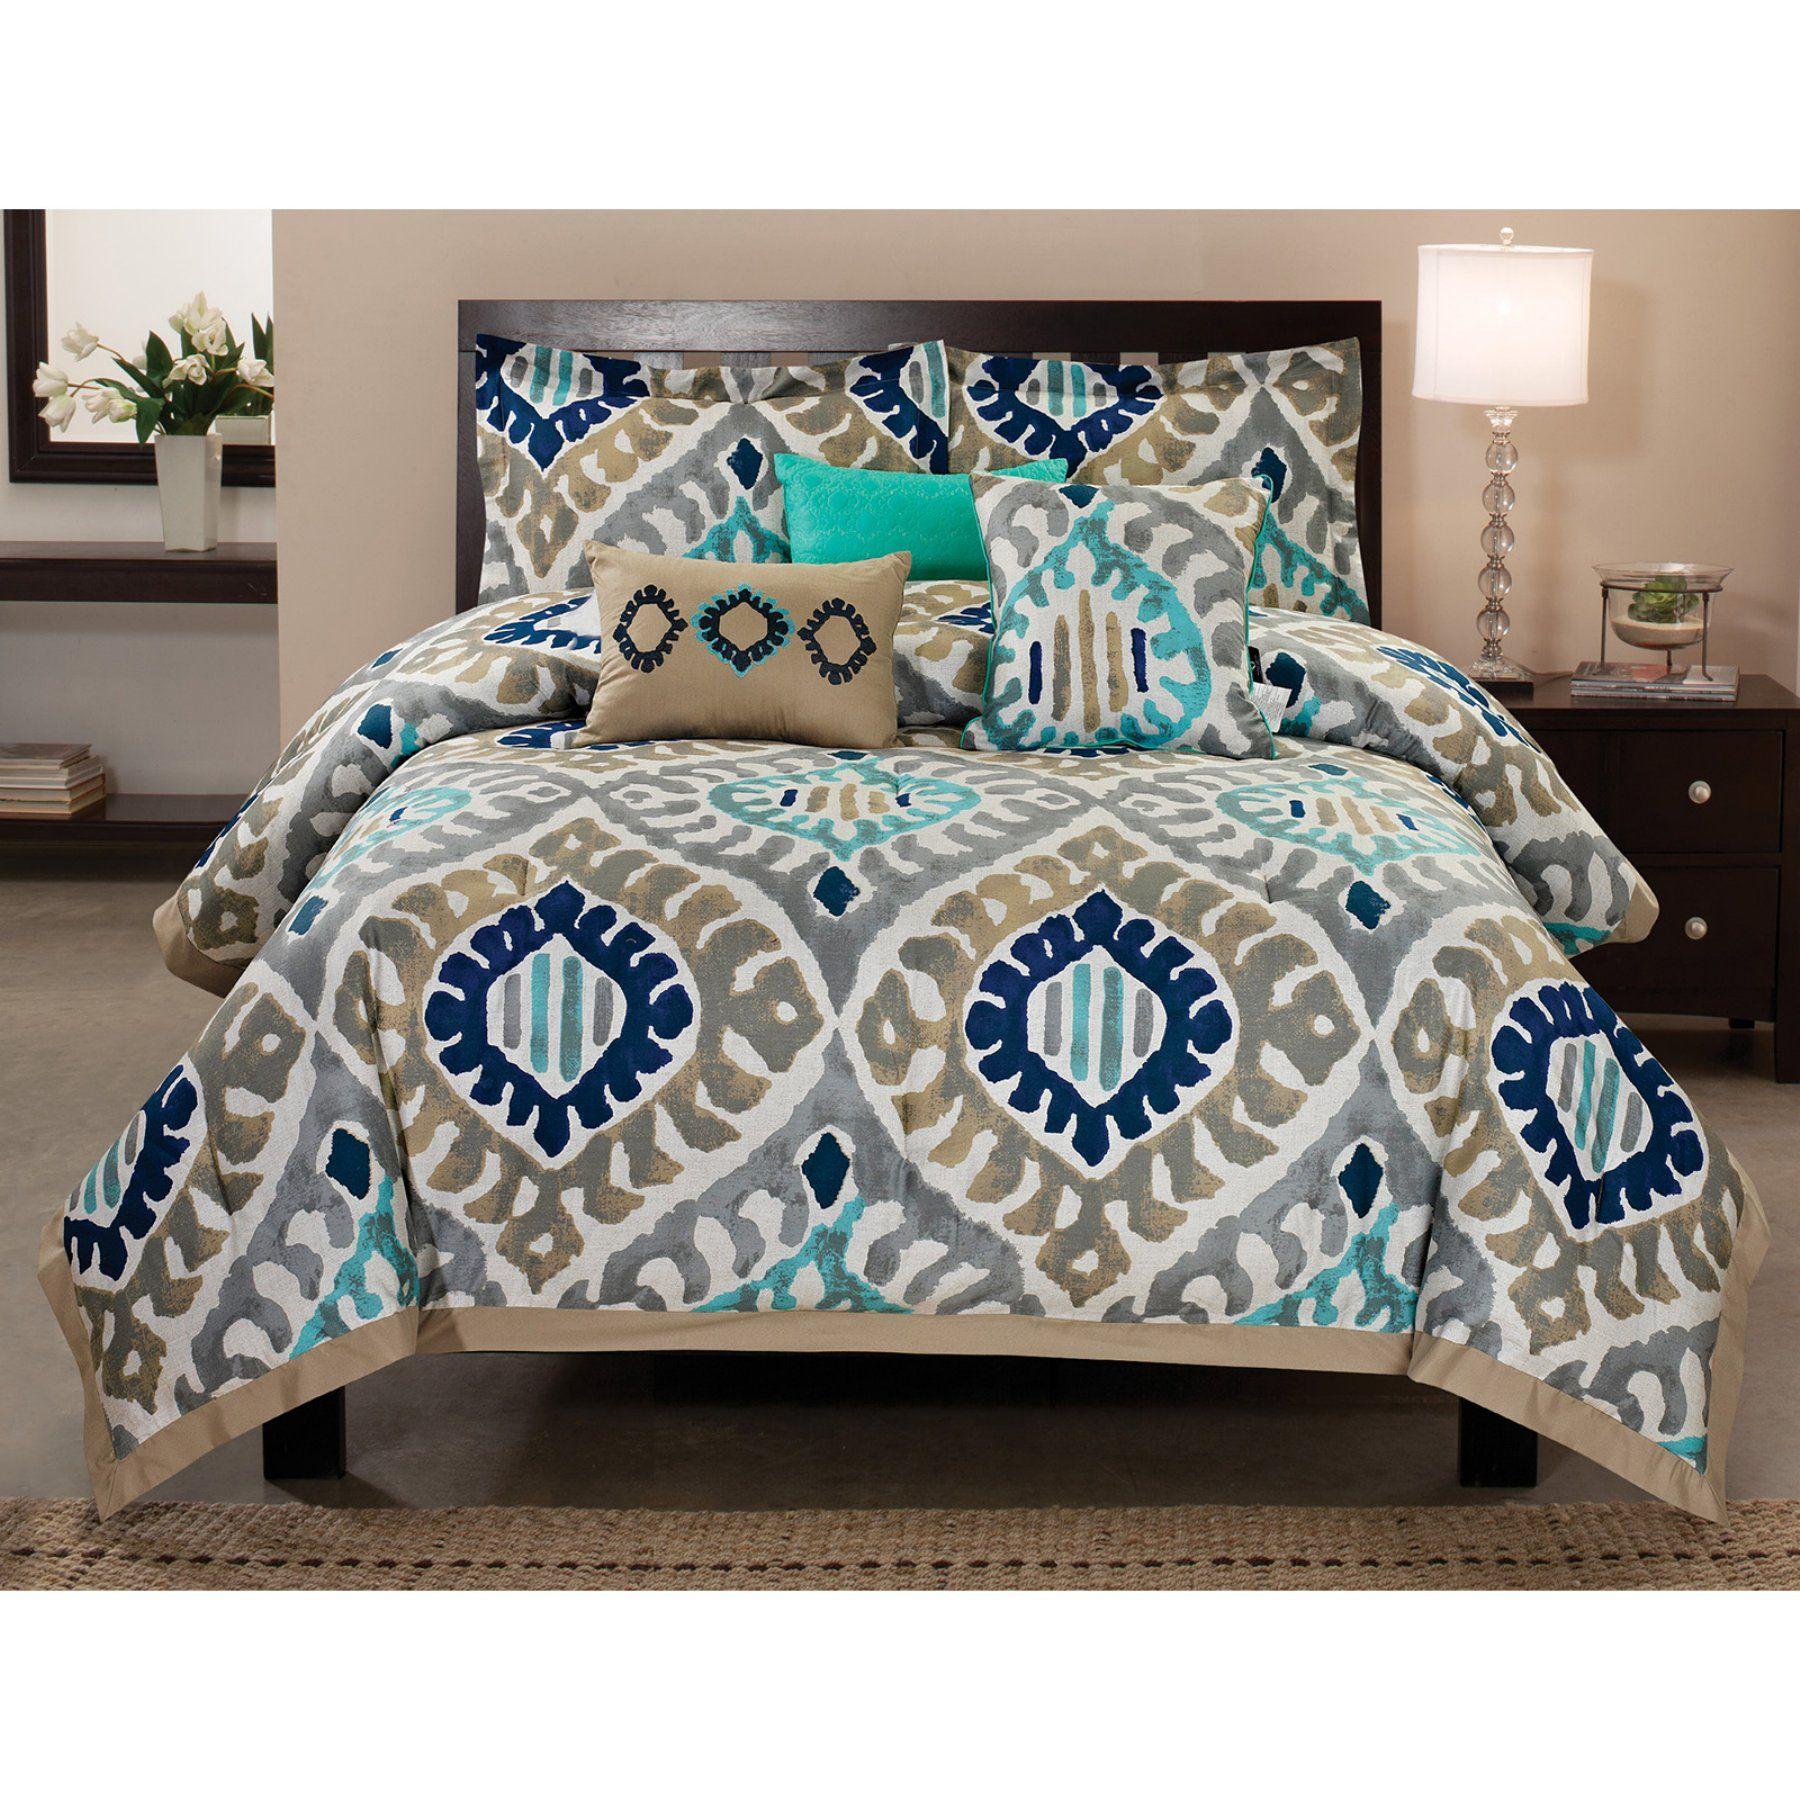 Girly Comforters